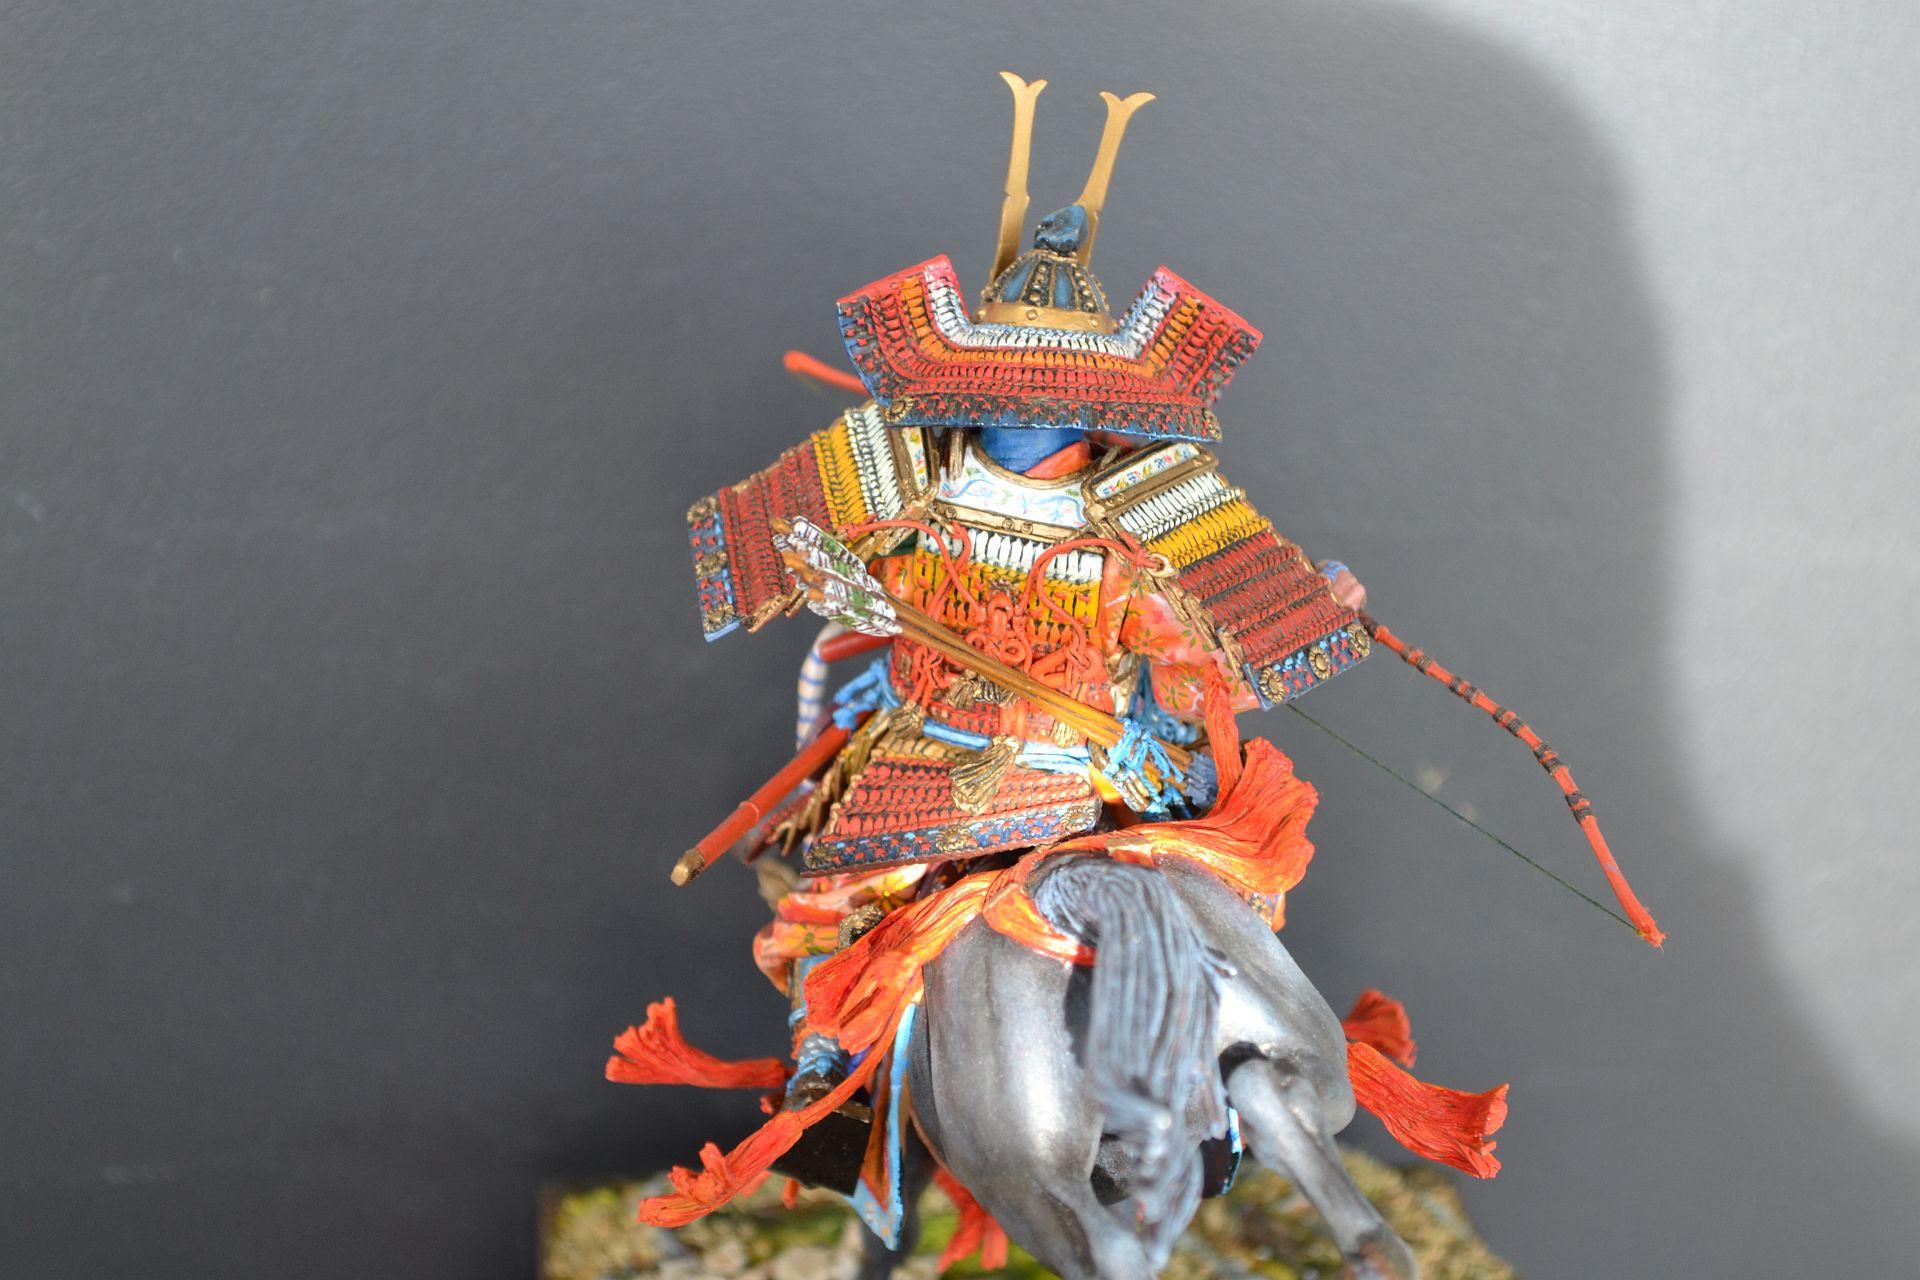 figurine pegaso - samouraï 90 mm - Page 3 161104013701138832